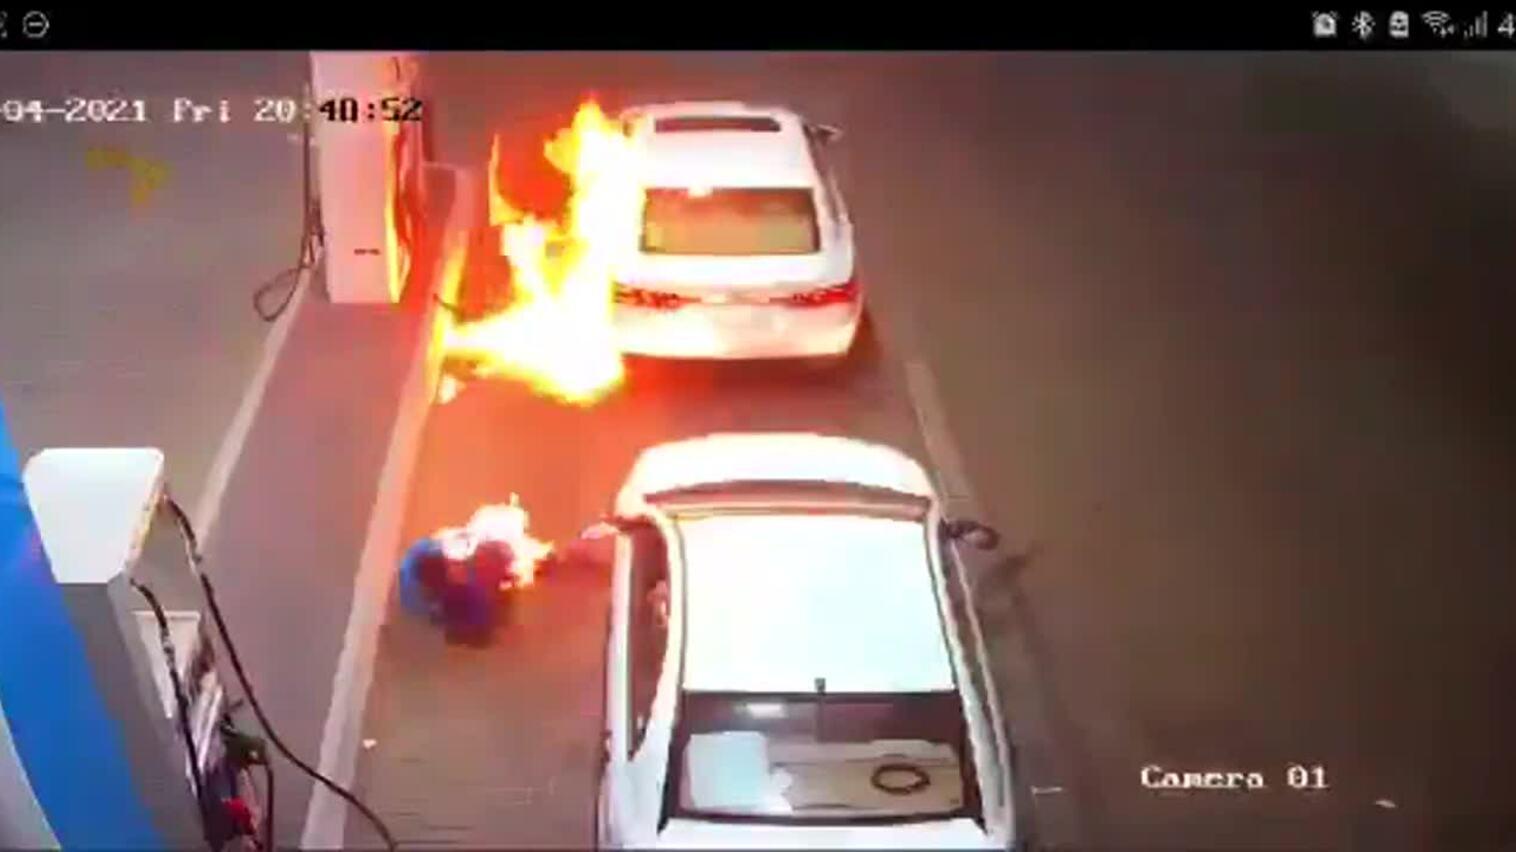 Lửa bùng lên khi tài xế đang trả tiền xăng